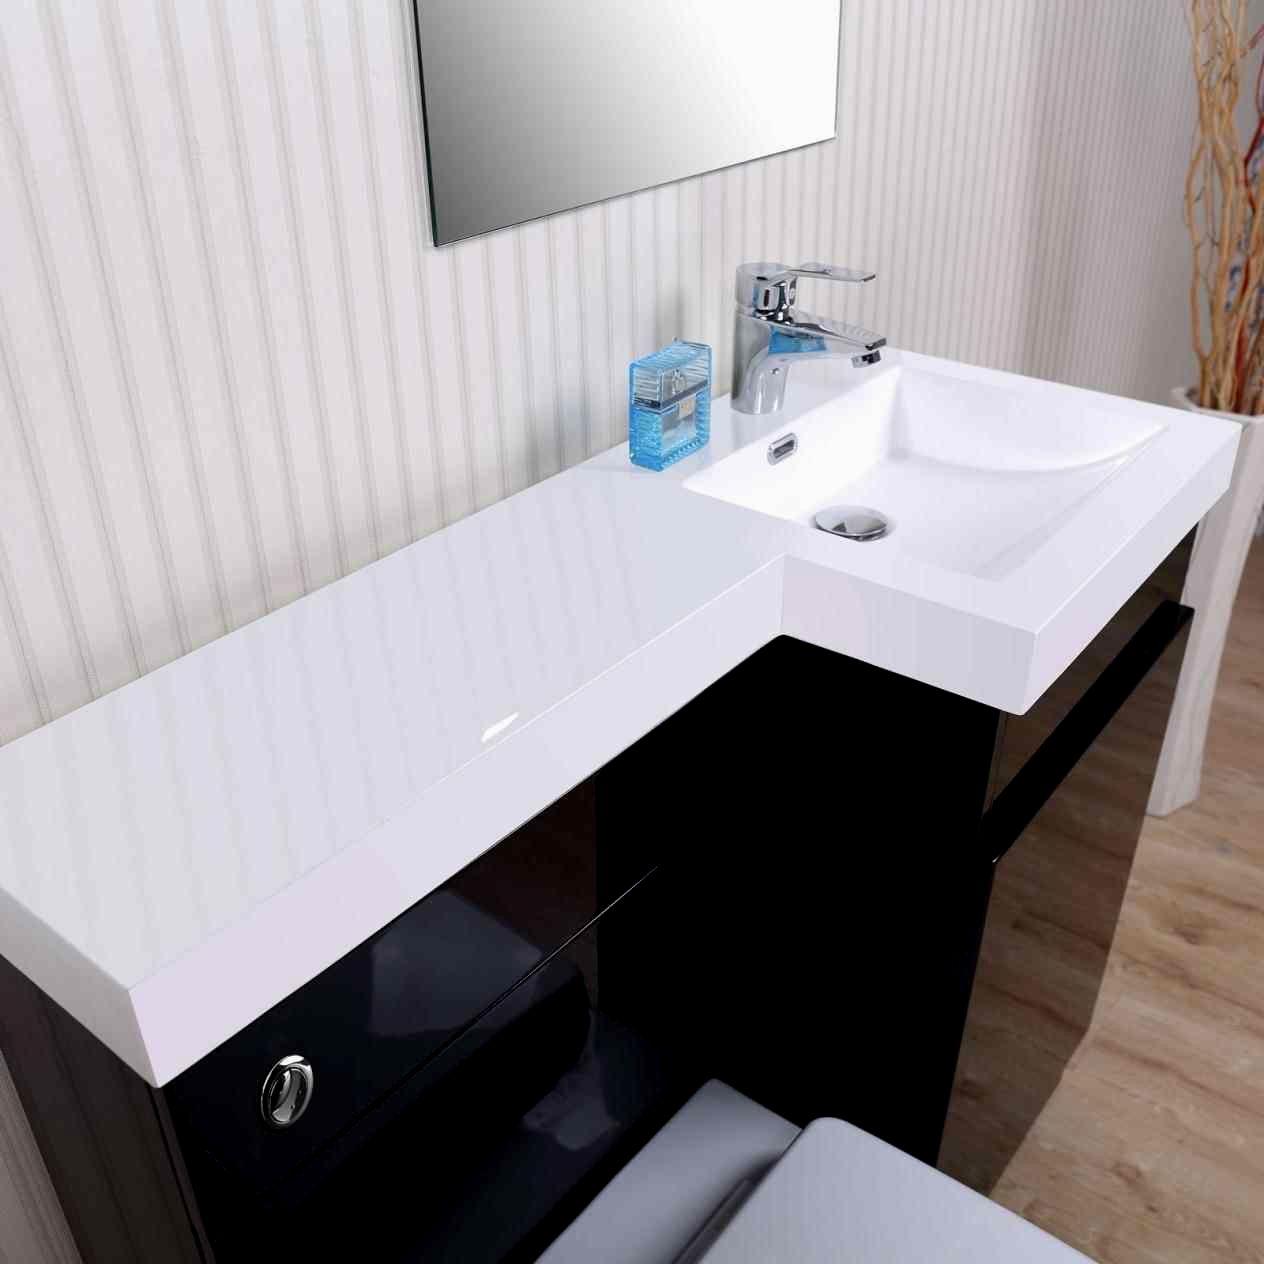 best of walmart bathroom vanity concept-Amazing Walmart Bathroom Vanity Layout